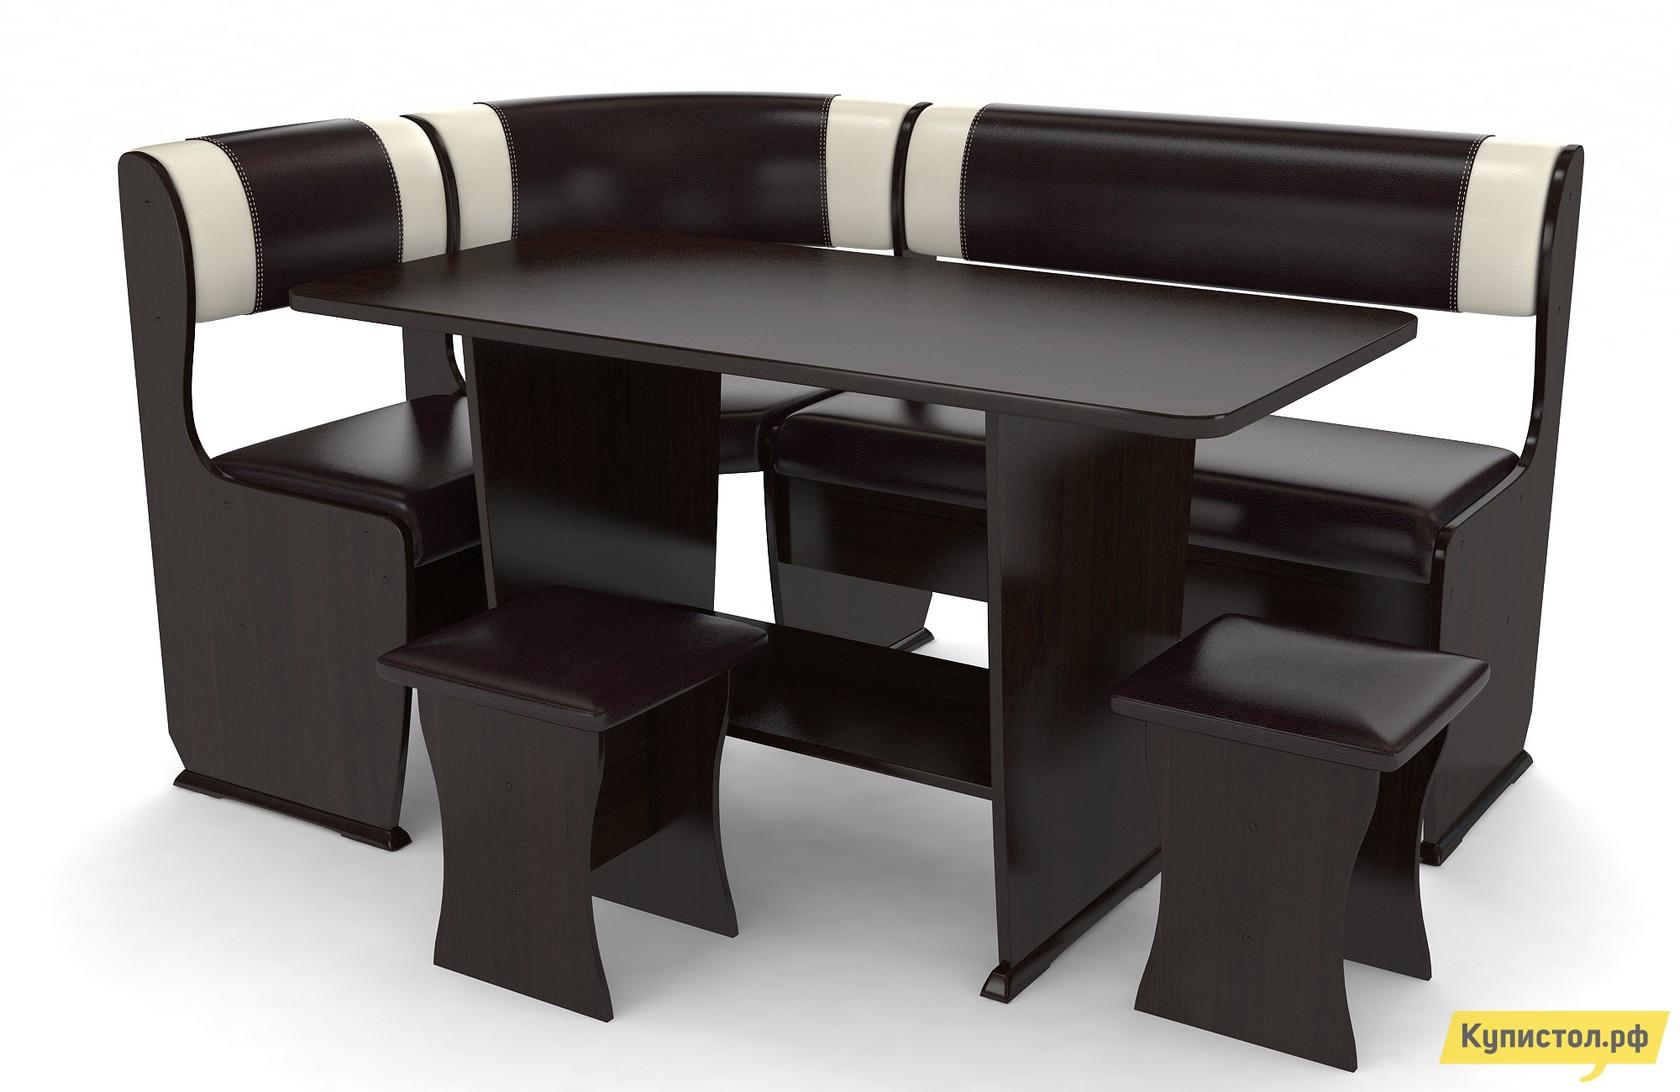 Кухонный уголок Маэстро Консул-1 Венге / Шоколад светлый-темный